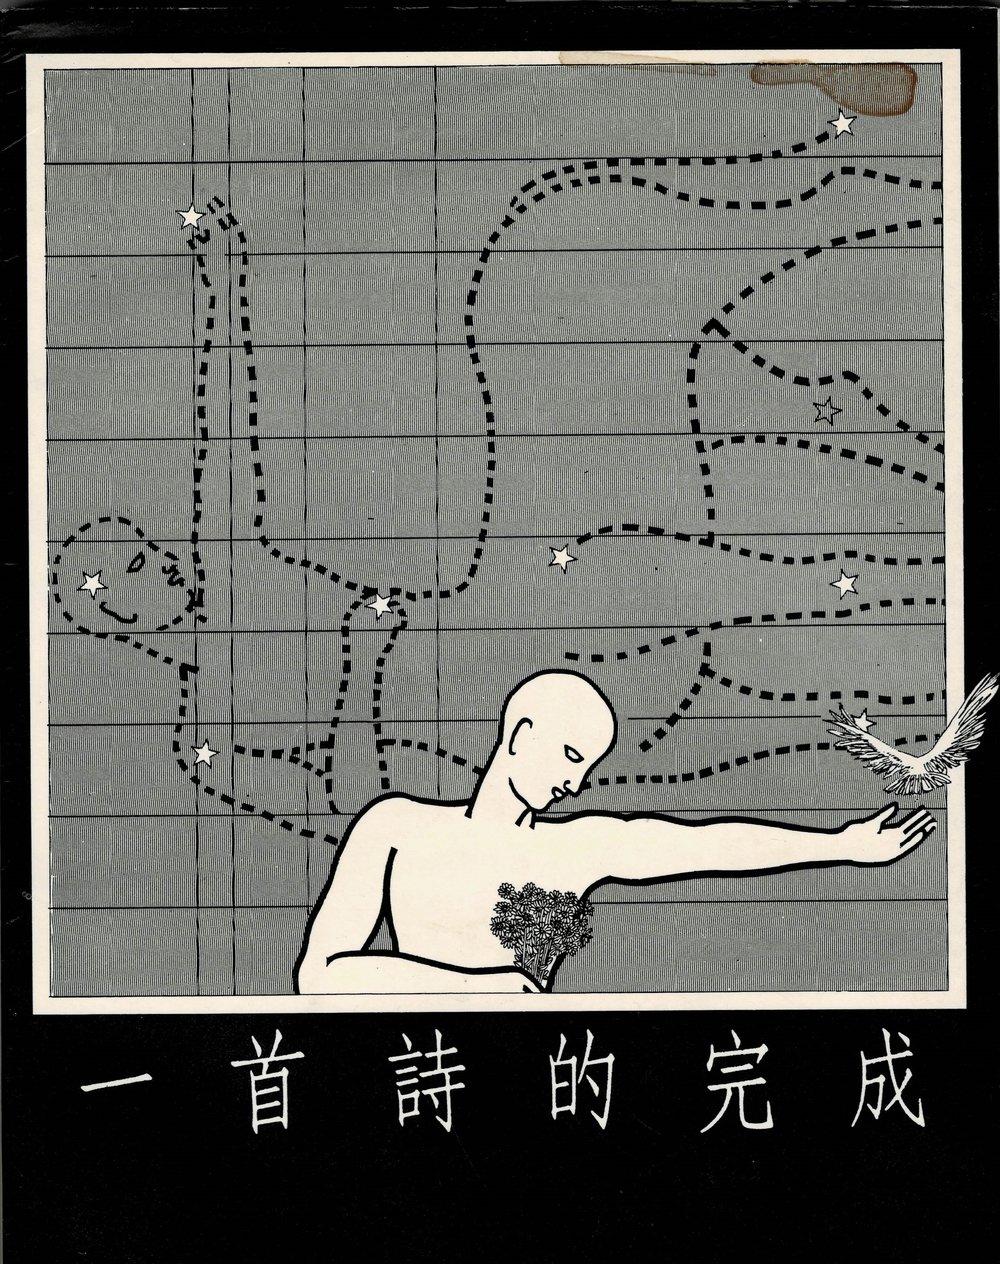 楊牧《一首詩的完成》書影